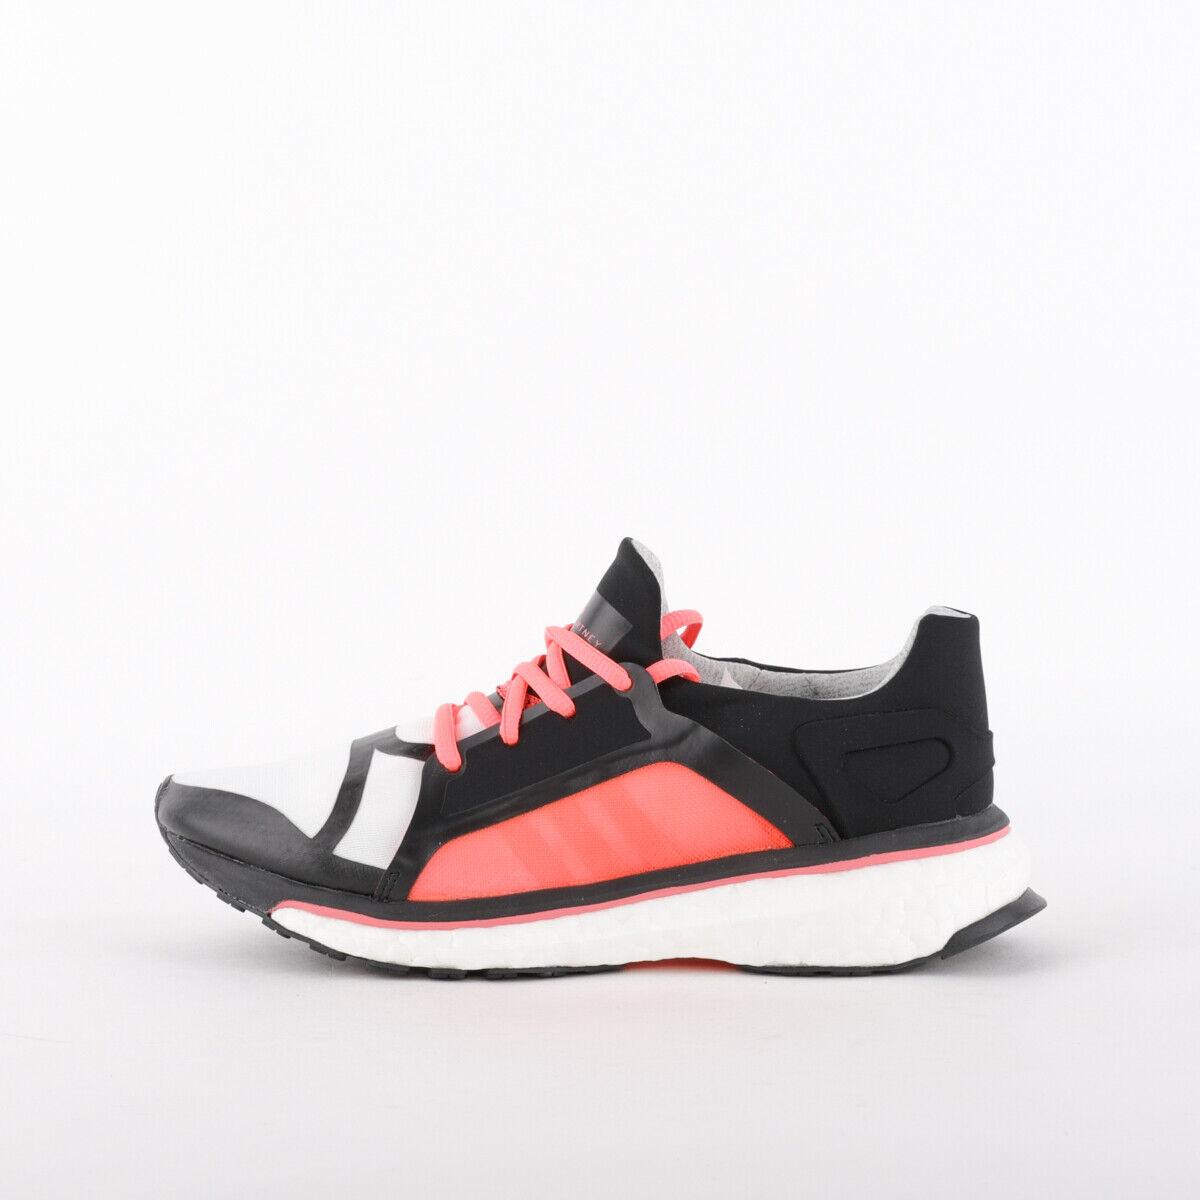 Détails sur Short Femme Adidas Stella McCartney Energy Boost Noir Baskets (TGF41) RRP £ 119.99 afficher le titre d'origine